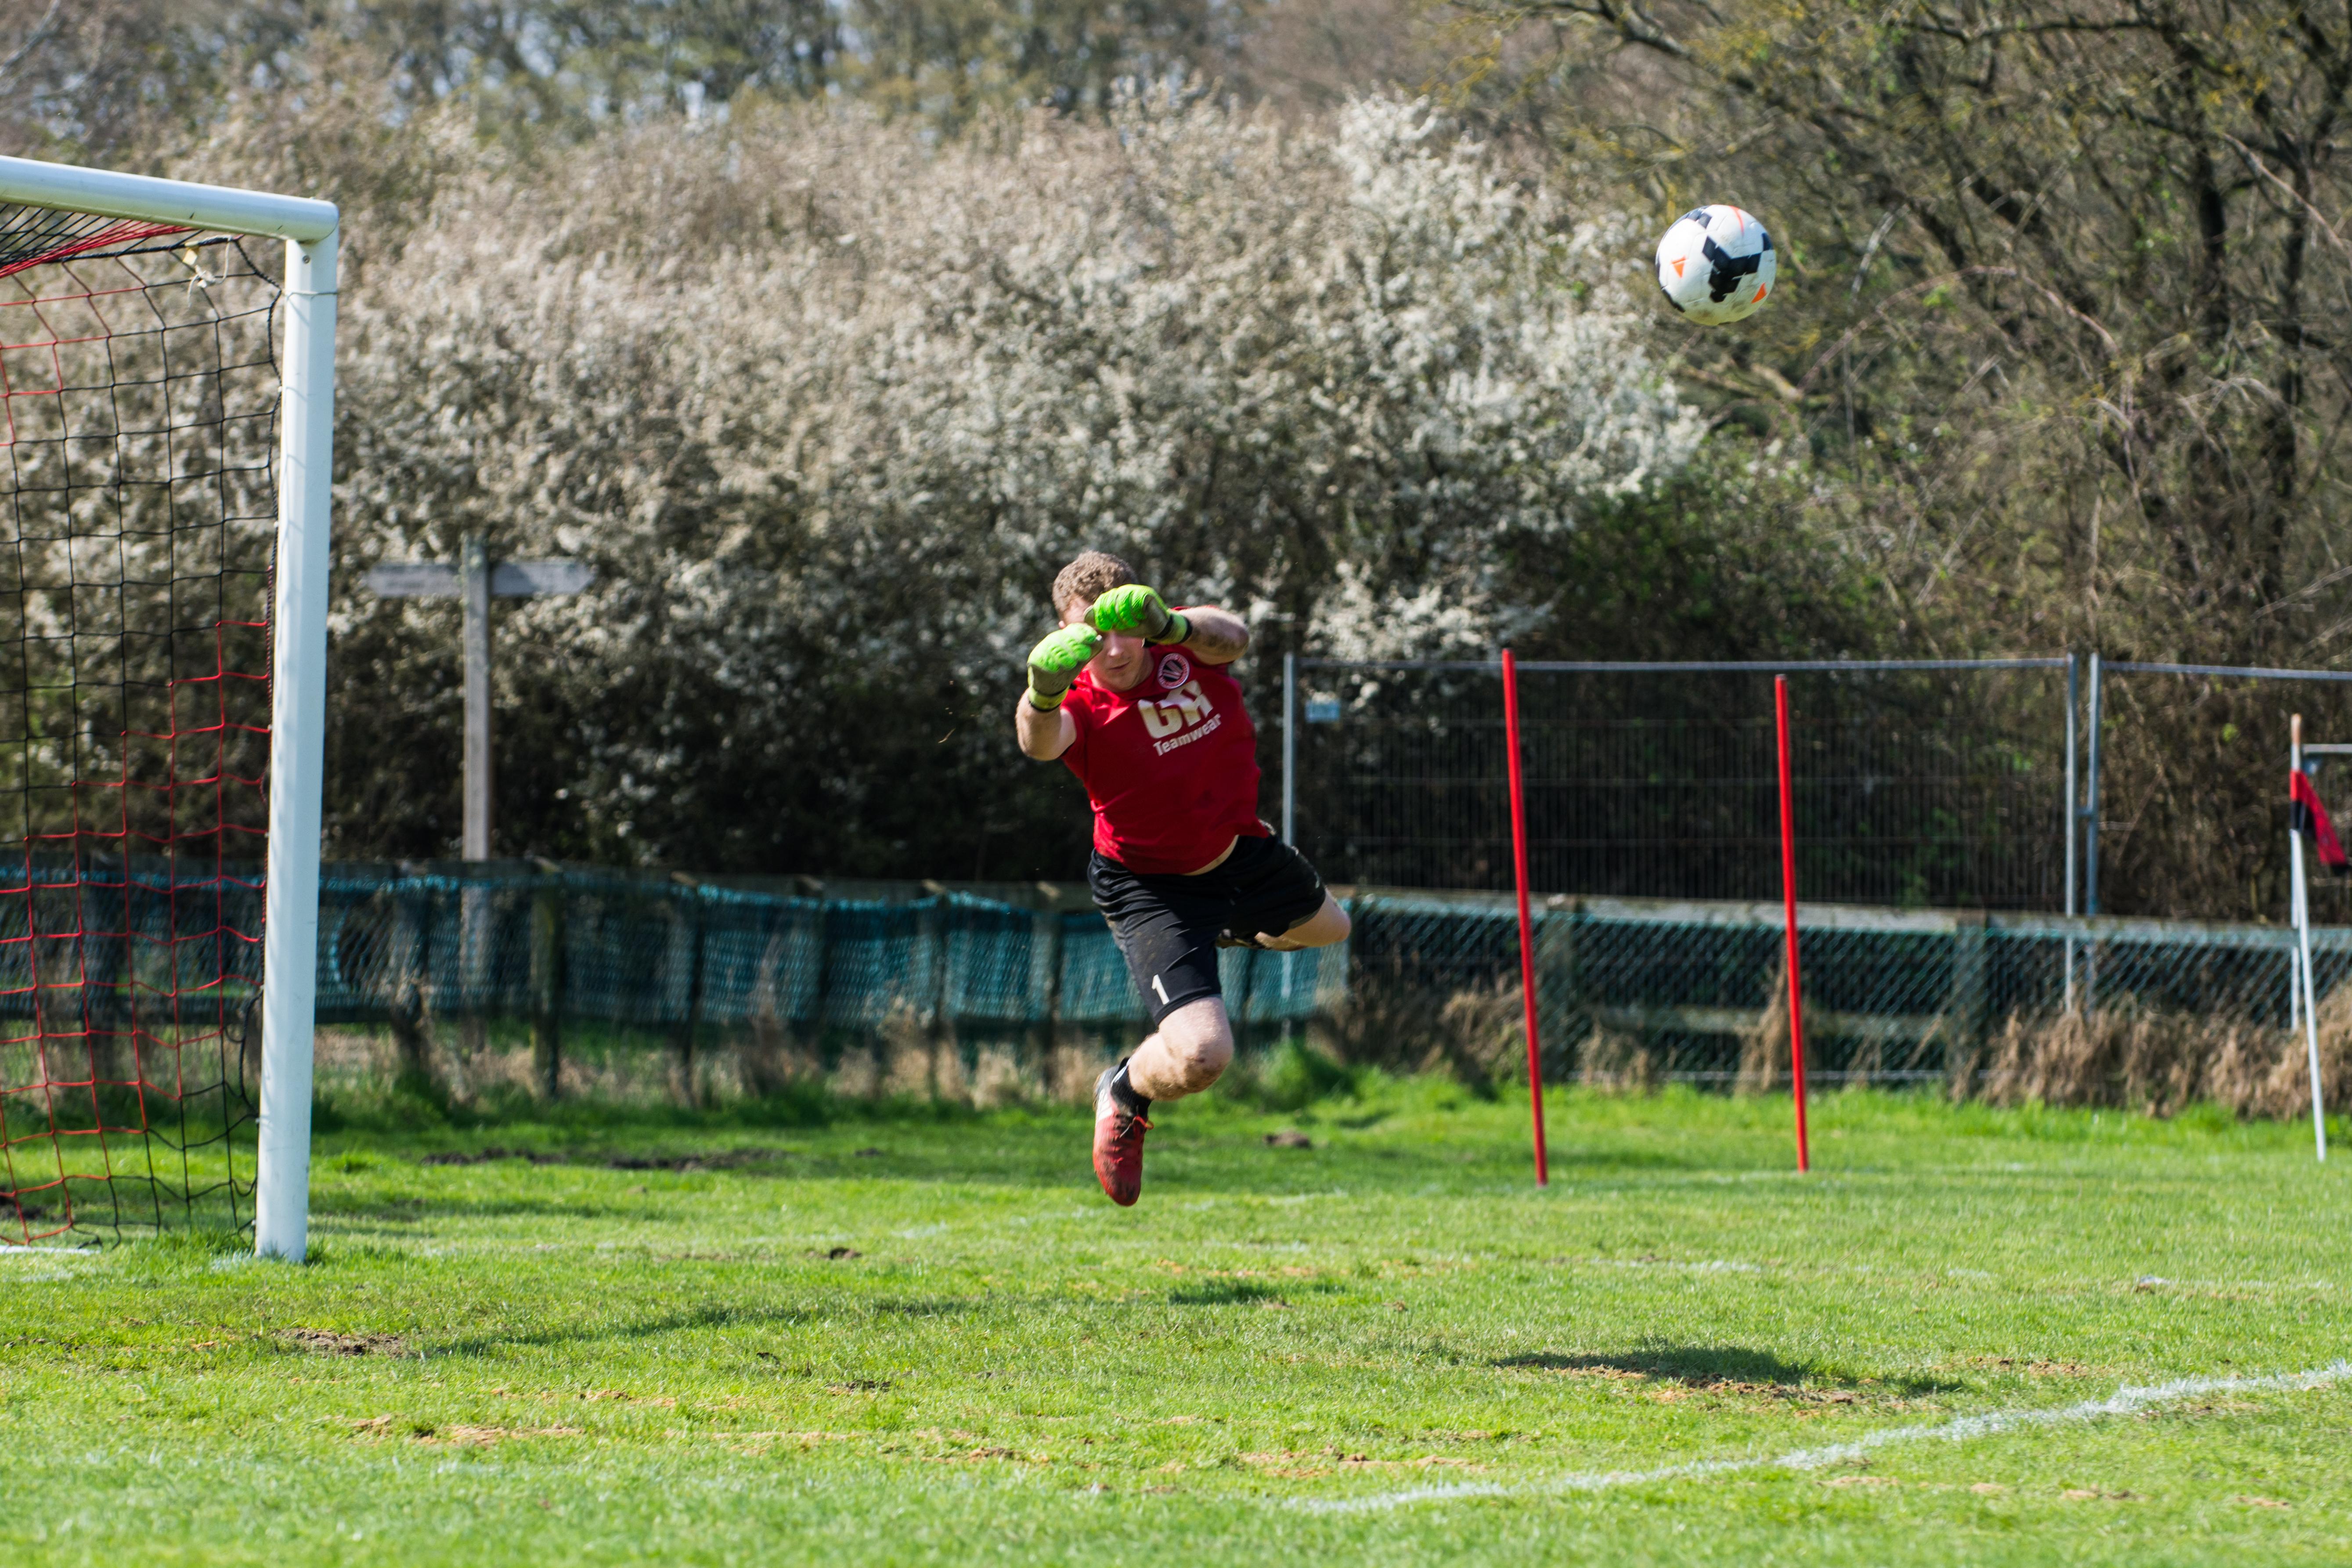 DAVID_JEFFERY Billingshurst FC vs AFC Varndeanians 14.04.18 06